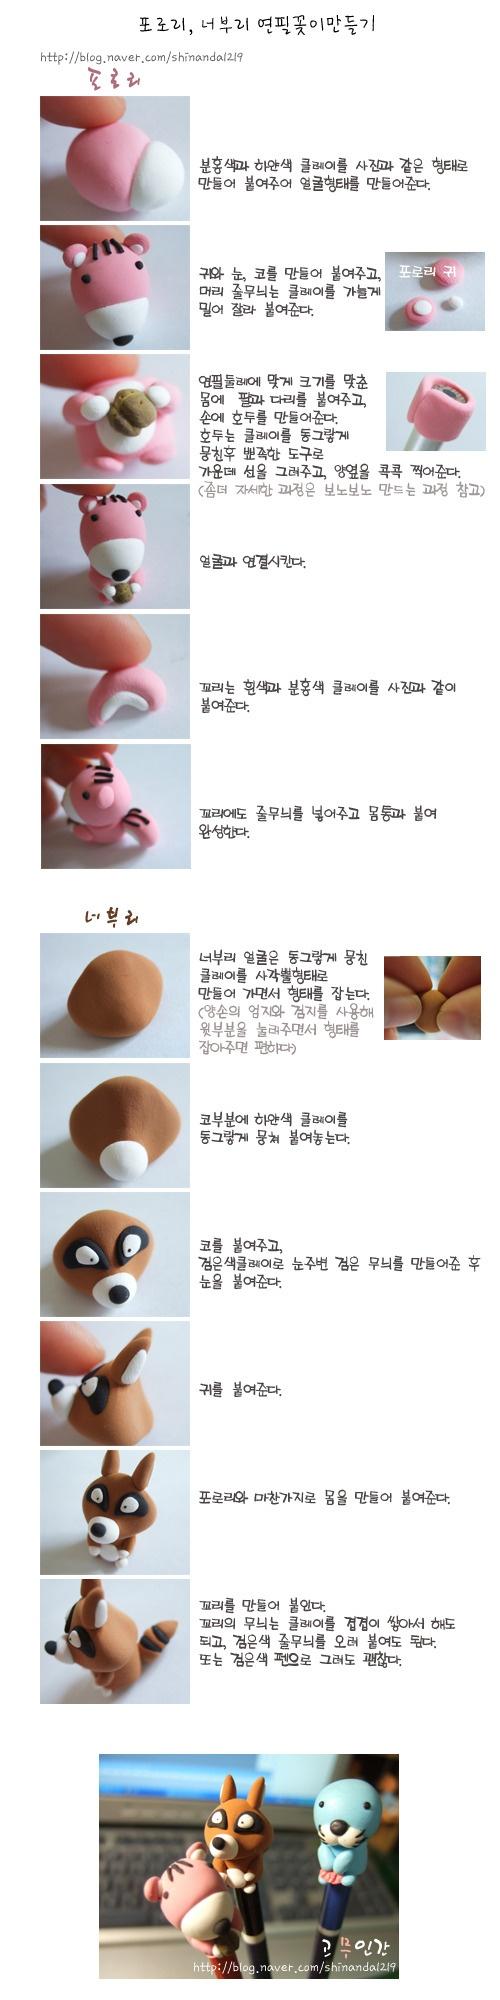 :: Naver blog porori neoburi pen holder